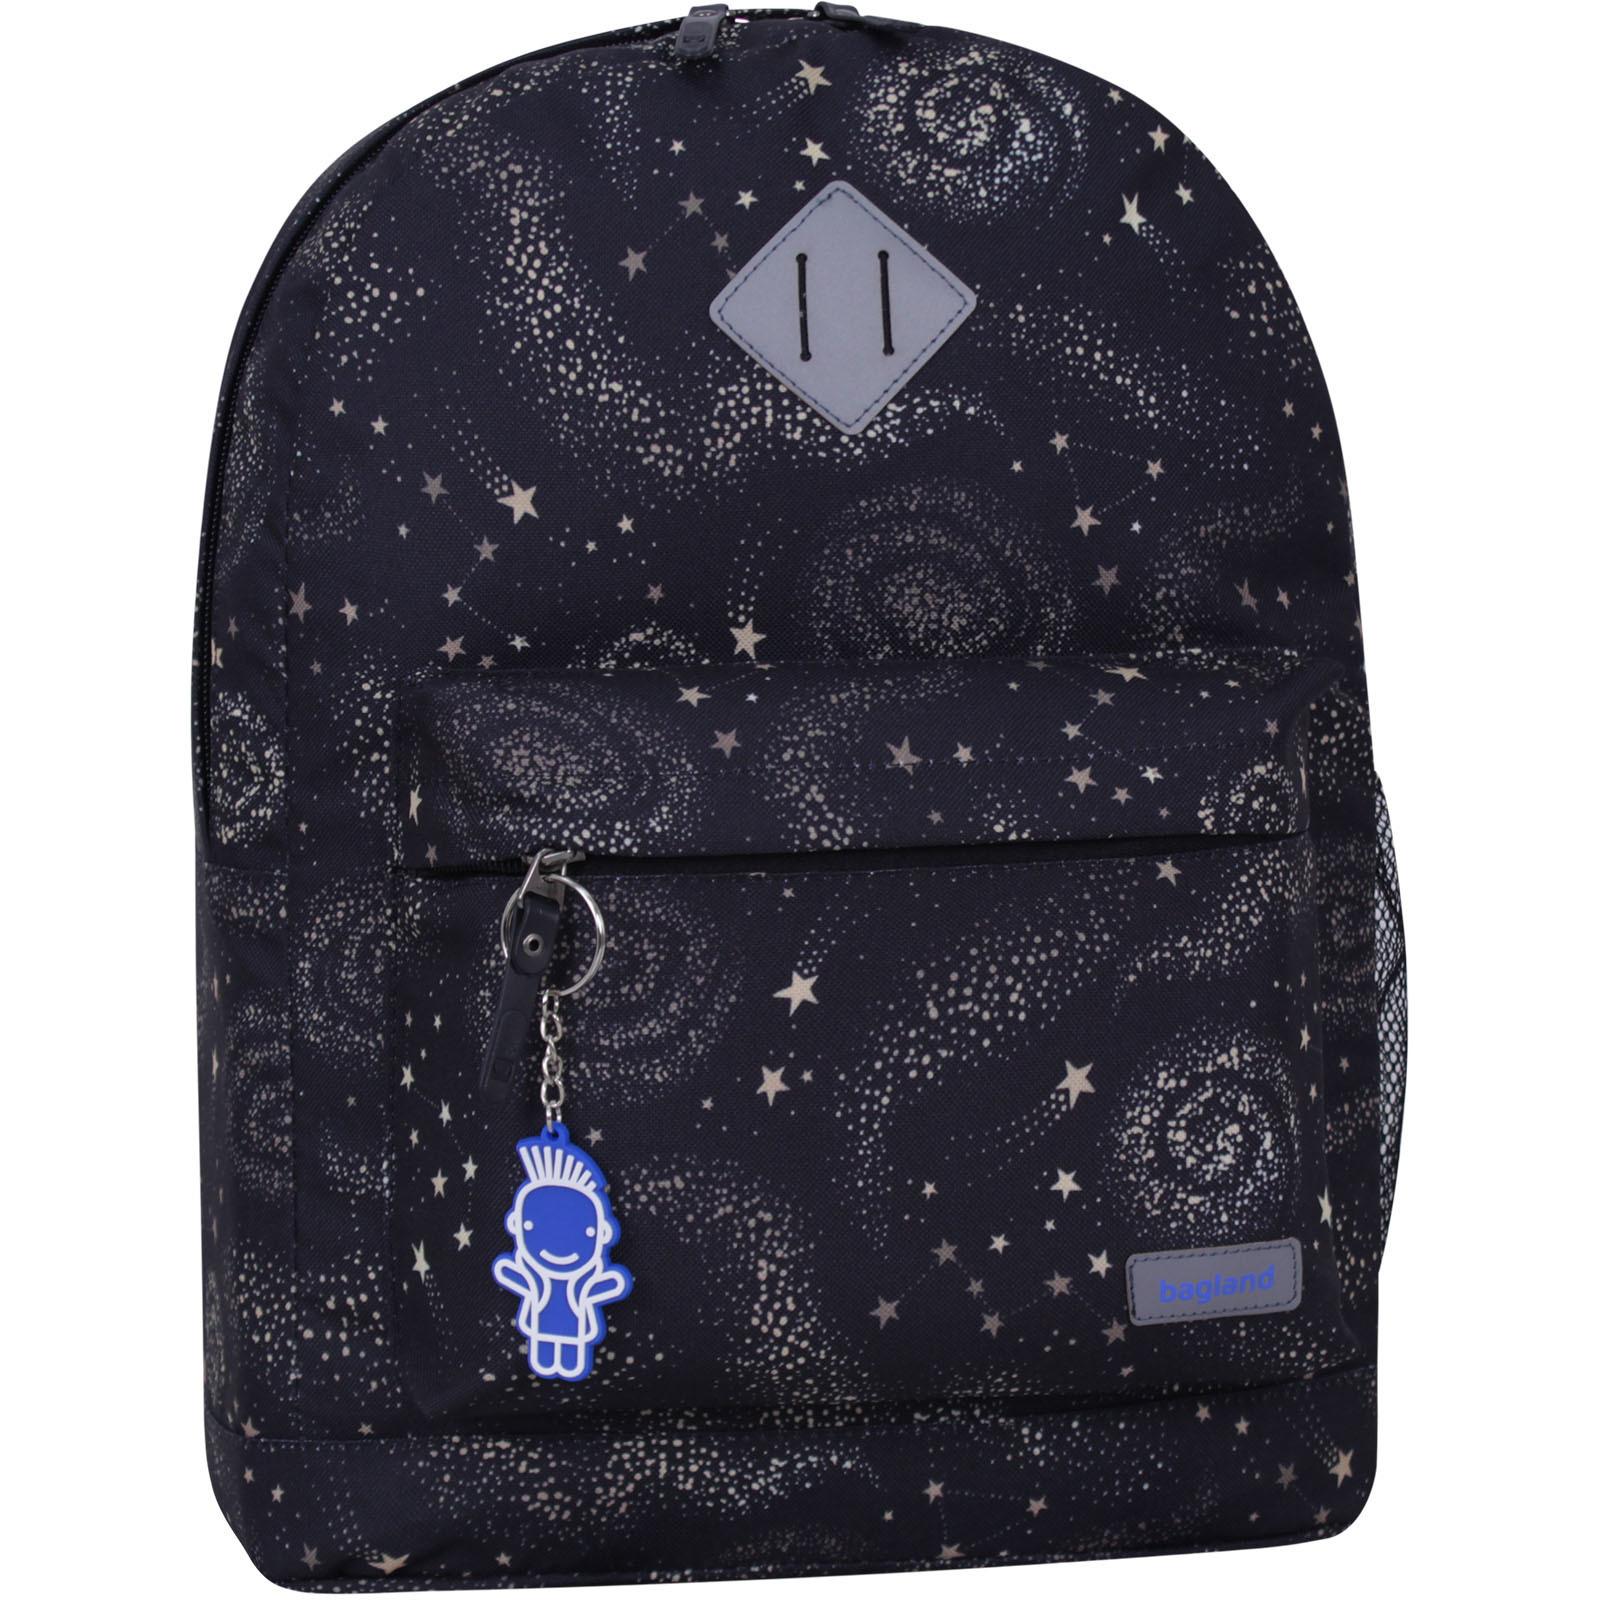 Мужские рюкзаки Рюкзак Bagland Молодежный 17 л. сублимация 985 (00533664) IMG_0225_суб_985_-1600.jpg